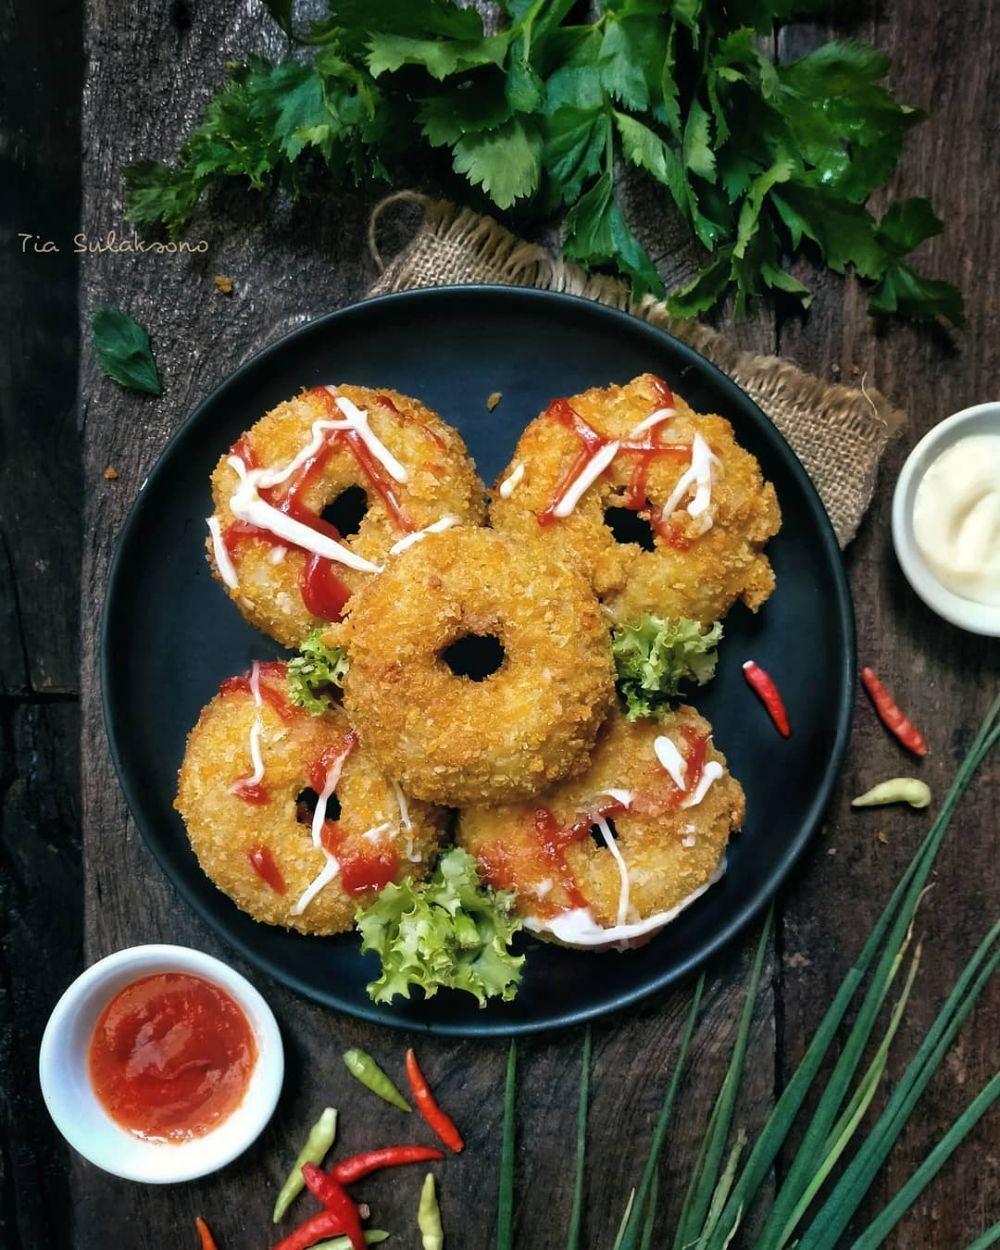 Resep Camilan Mie Instan Berbagai Sumber Resep Makanan Resep Camilan